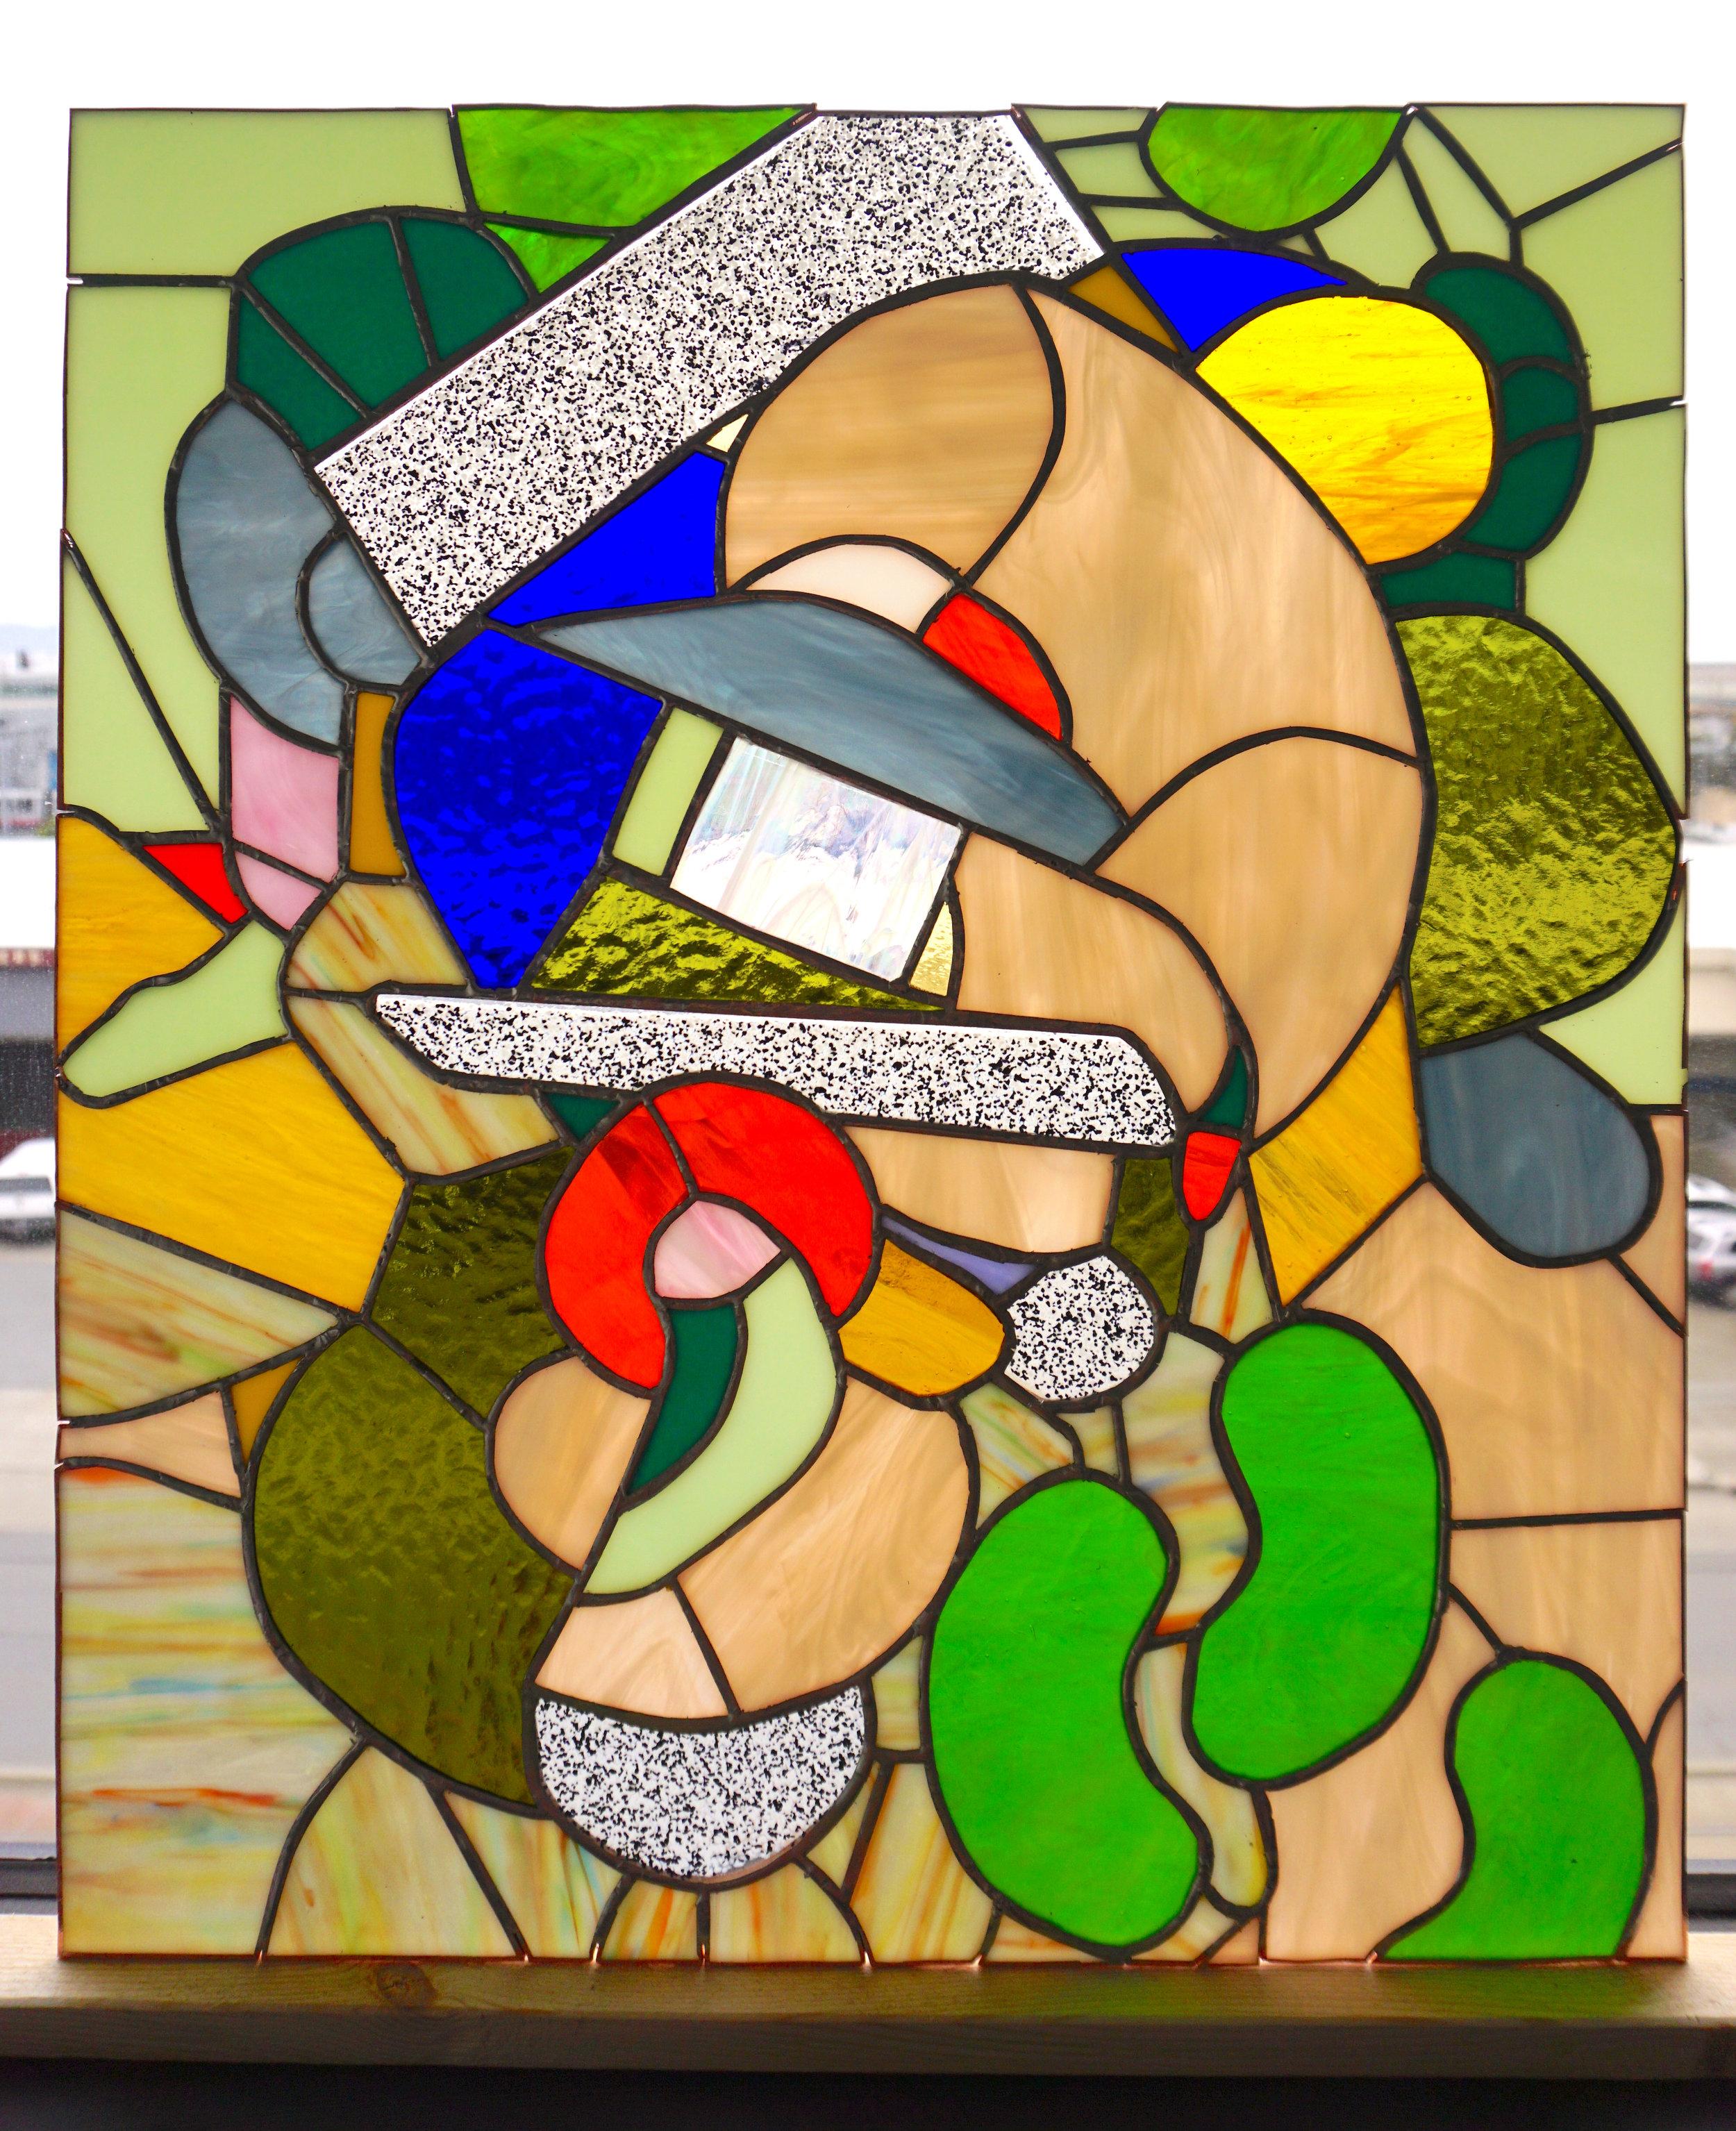 Kerbi.Urbanowski.Stained.Glass.Window.4.4 copy.jpg